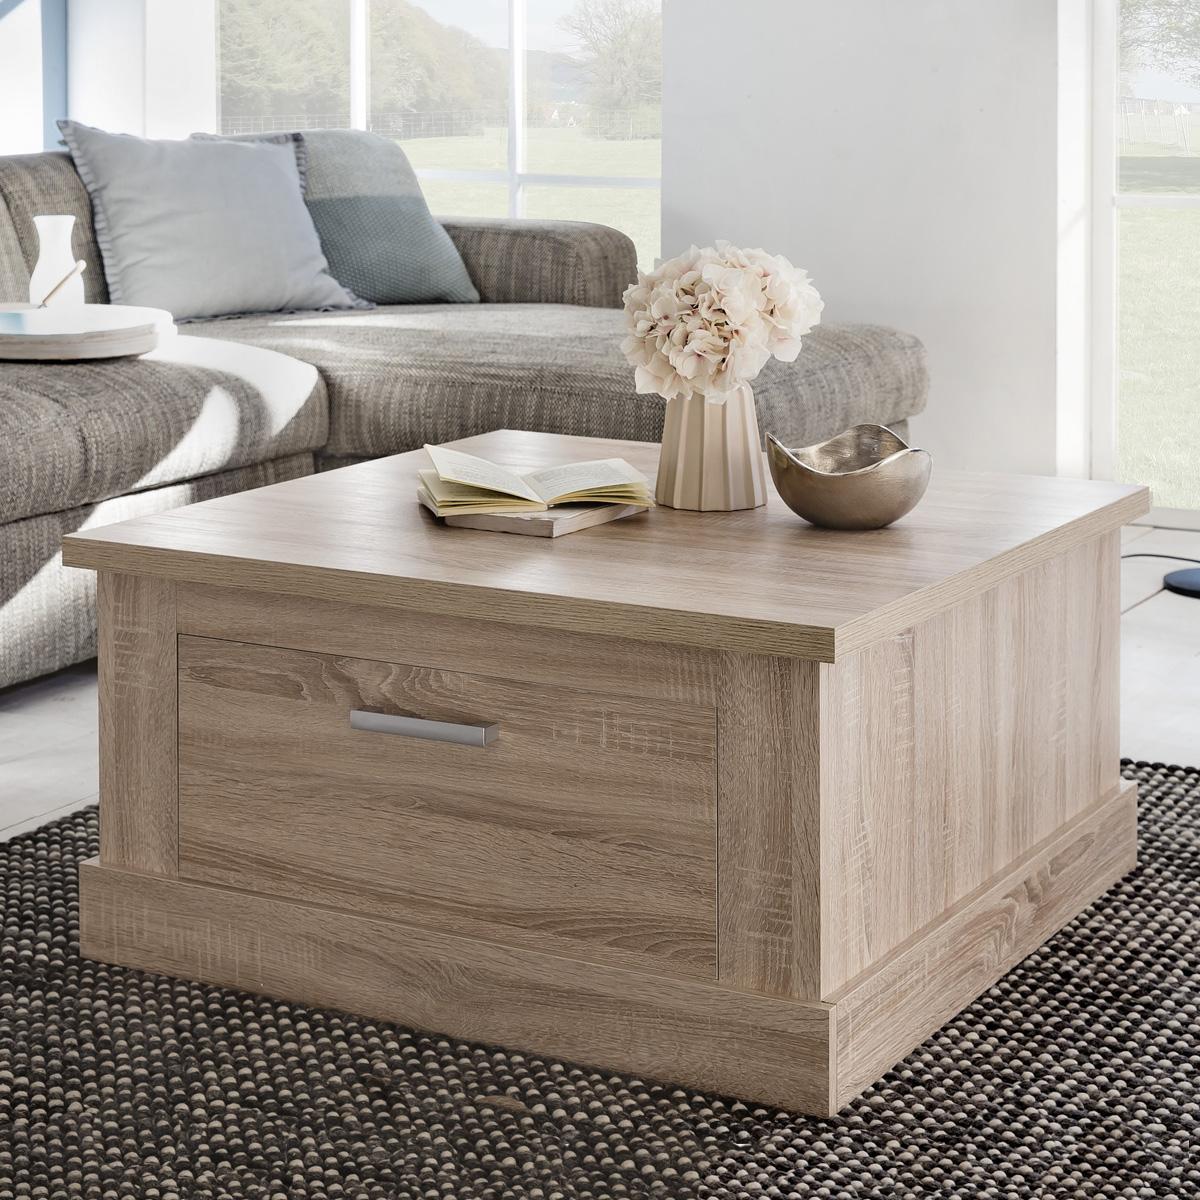 couchtisch universal eiche s gerau hell dekor wohnzimmer tisch mit schubk sten eur 128 95. Black Bedroom Furniture Sets. Home Design Ideas